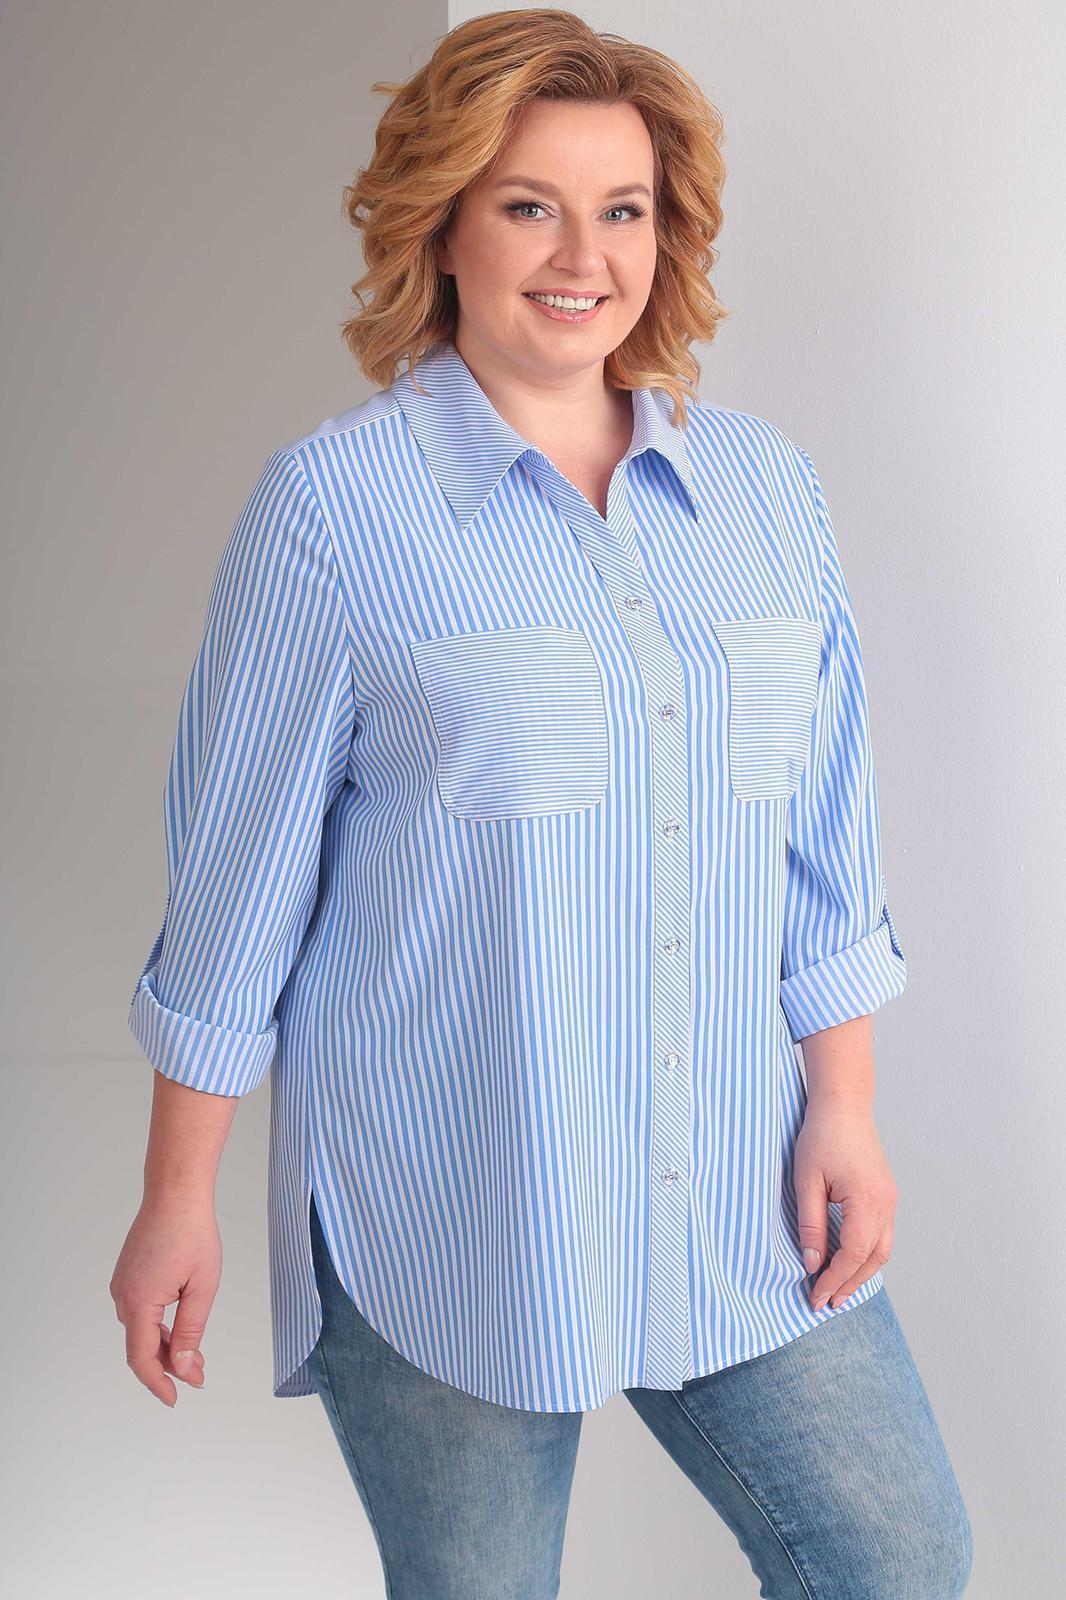 074bb5411e3f4fe Купить блузку в интернет-магазине в Минске. Недорогие женские блузки